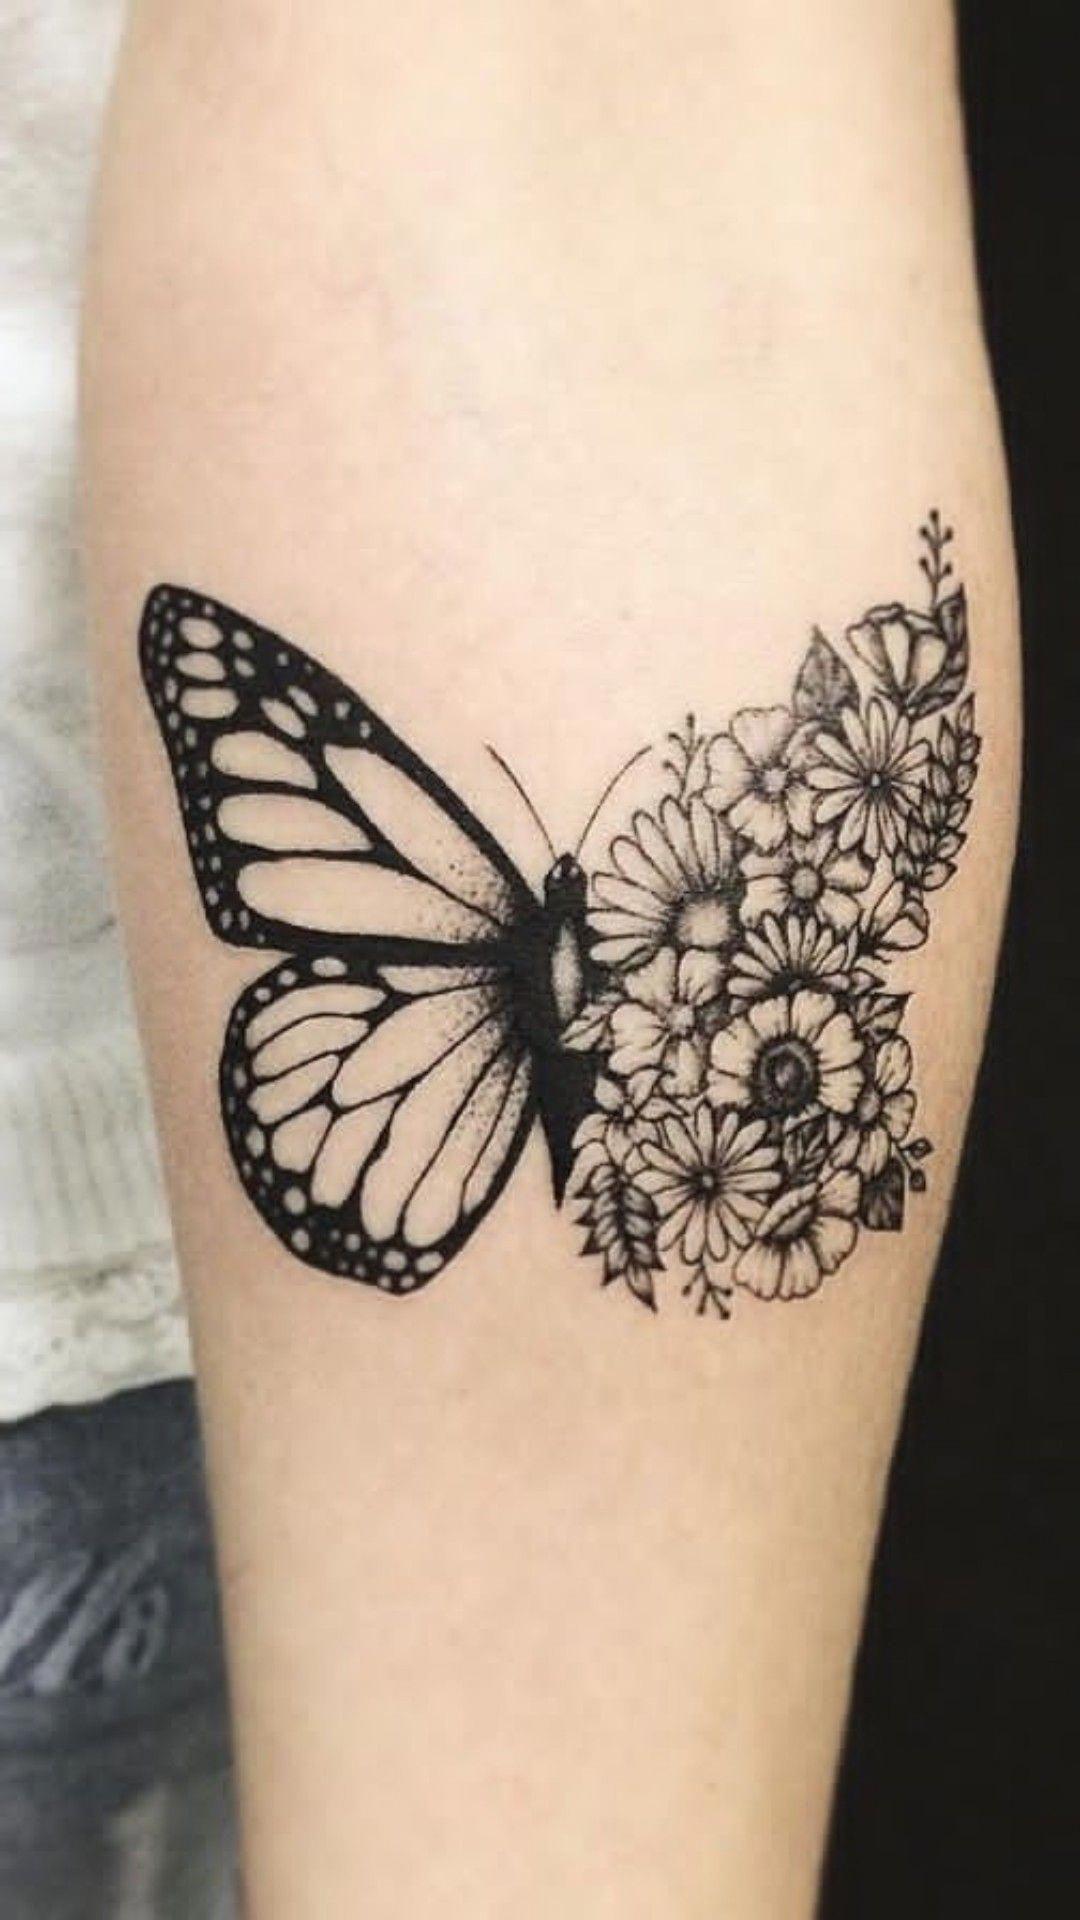 bestgirltattoos Tattoos Tattoos, Mehndi designs